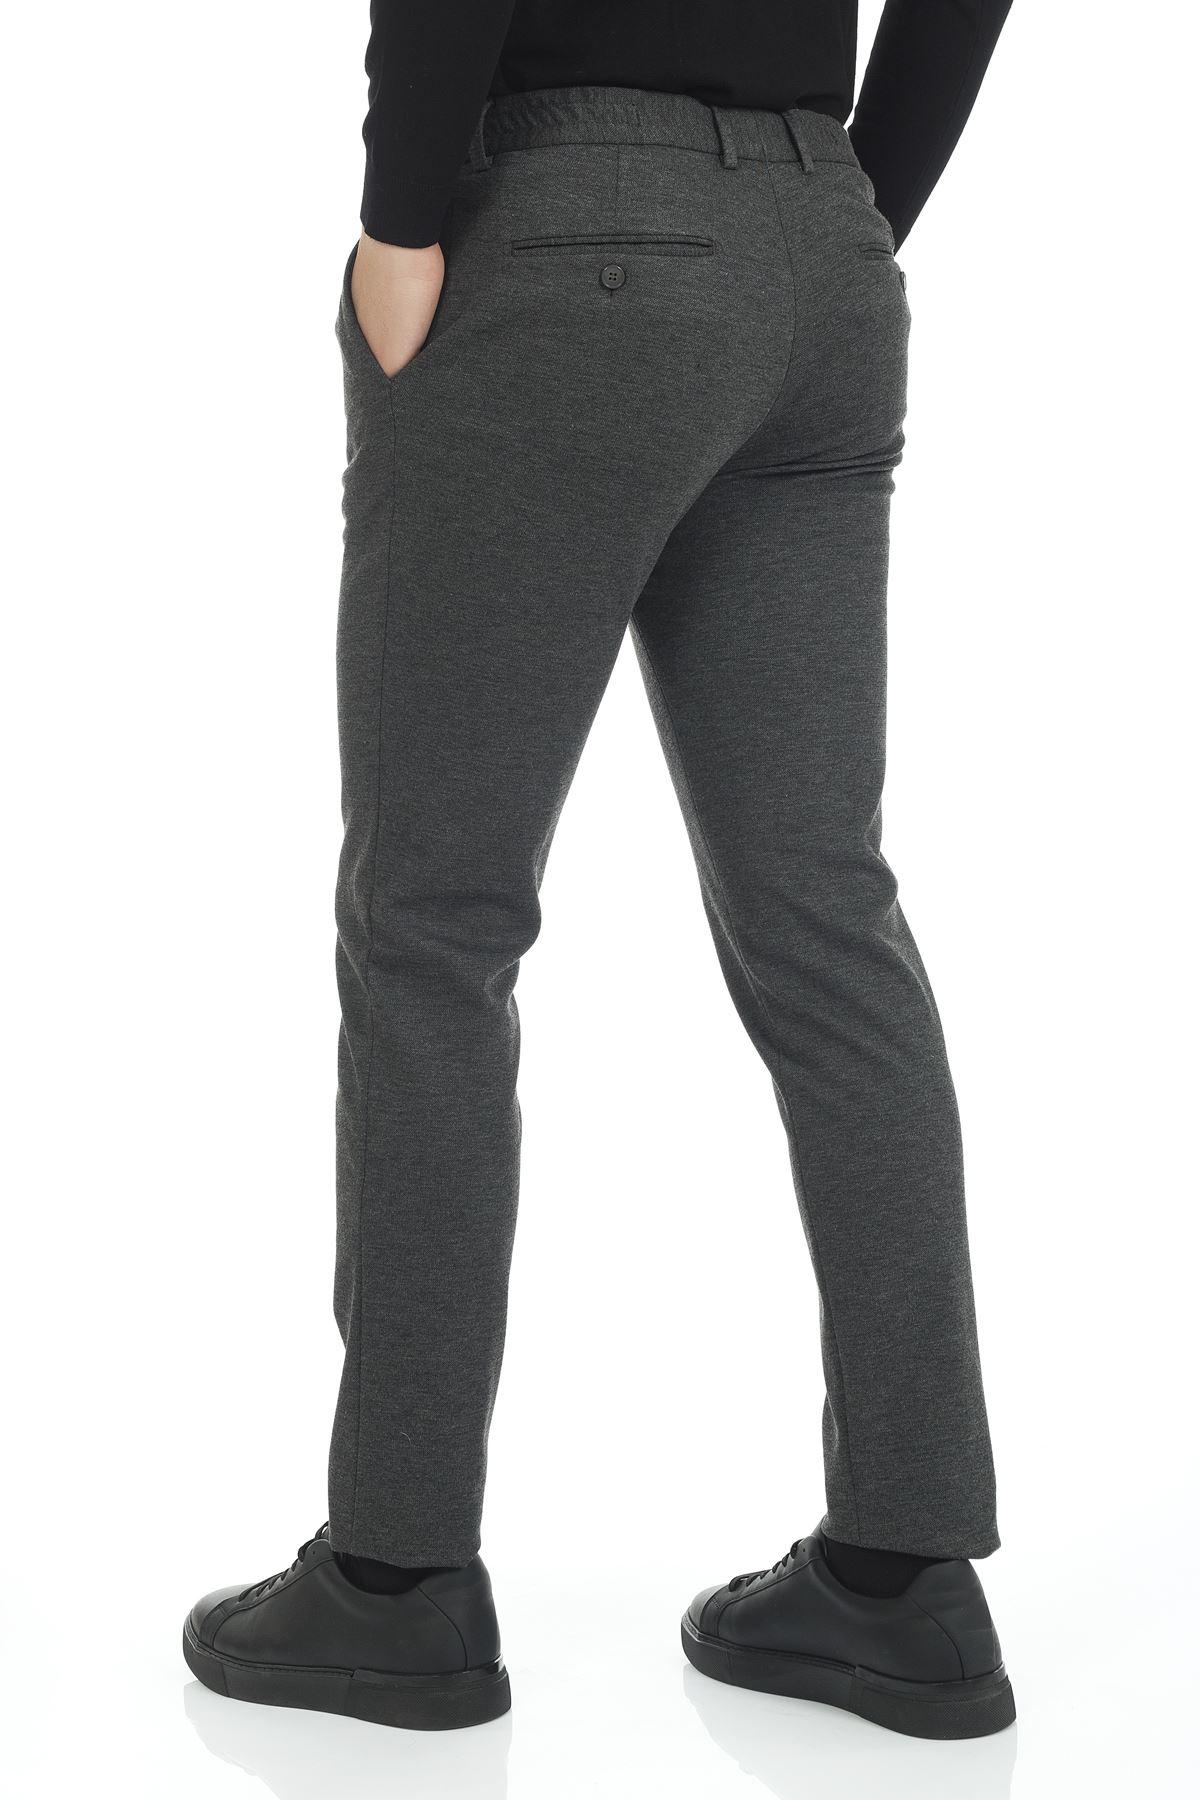 Gri Likralı Bel Lastikli Bağcıklı Süper Slim Jogger Spor Pantolon